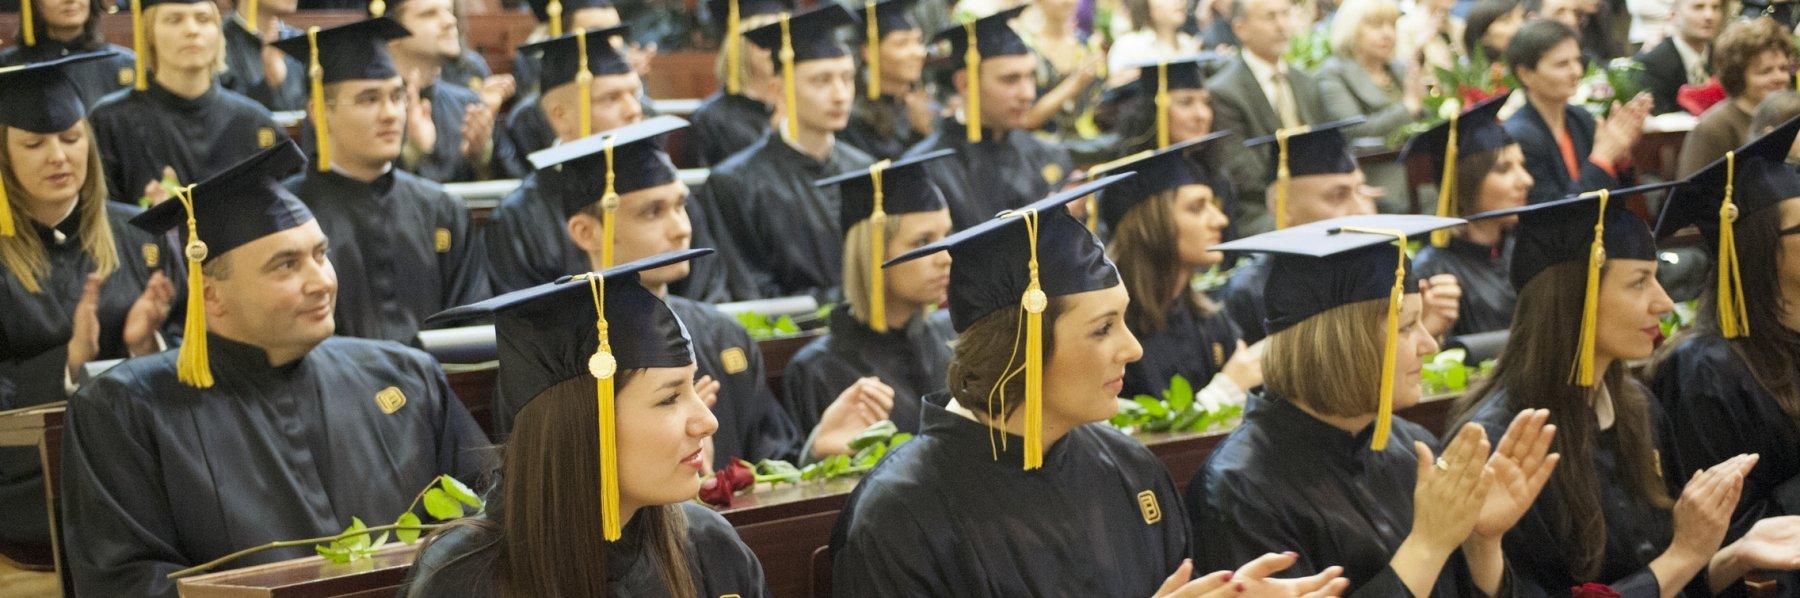 Novi rezultati rangiranja sveučilišta u Webometrics